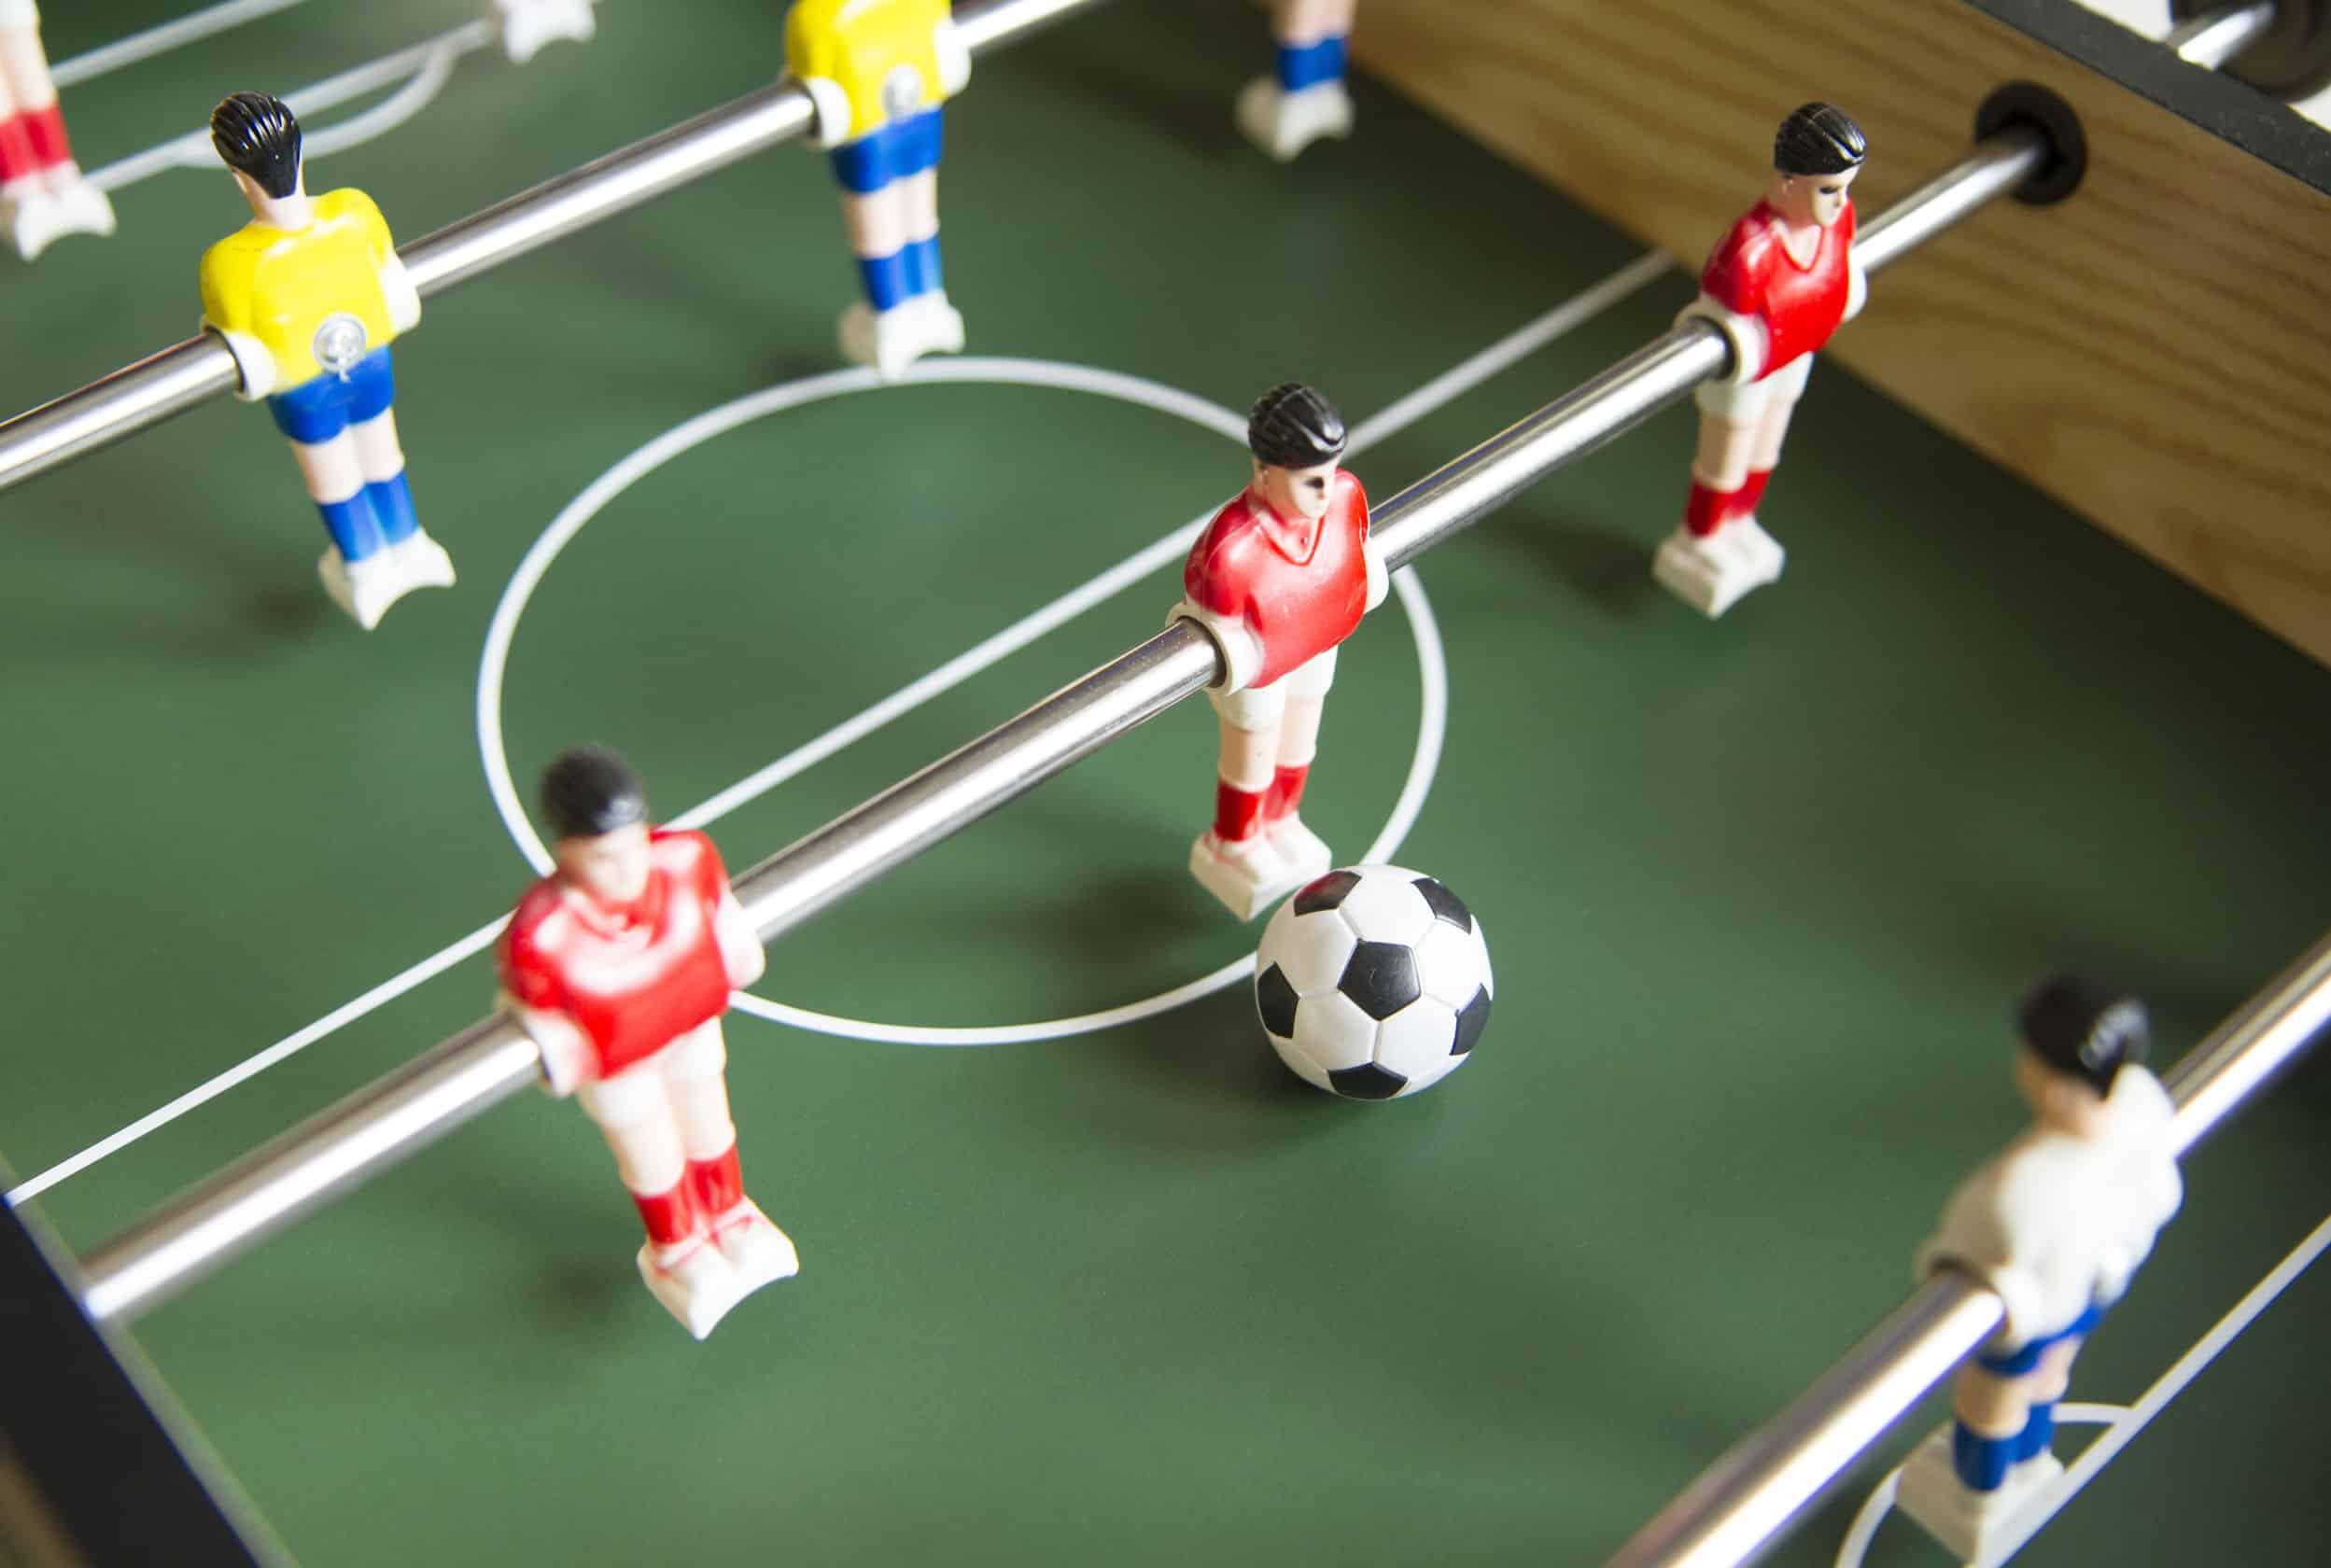 voetbal stukken